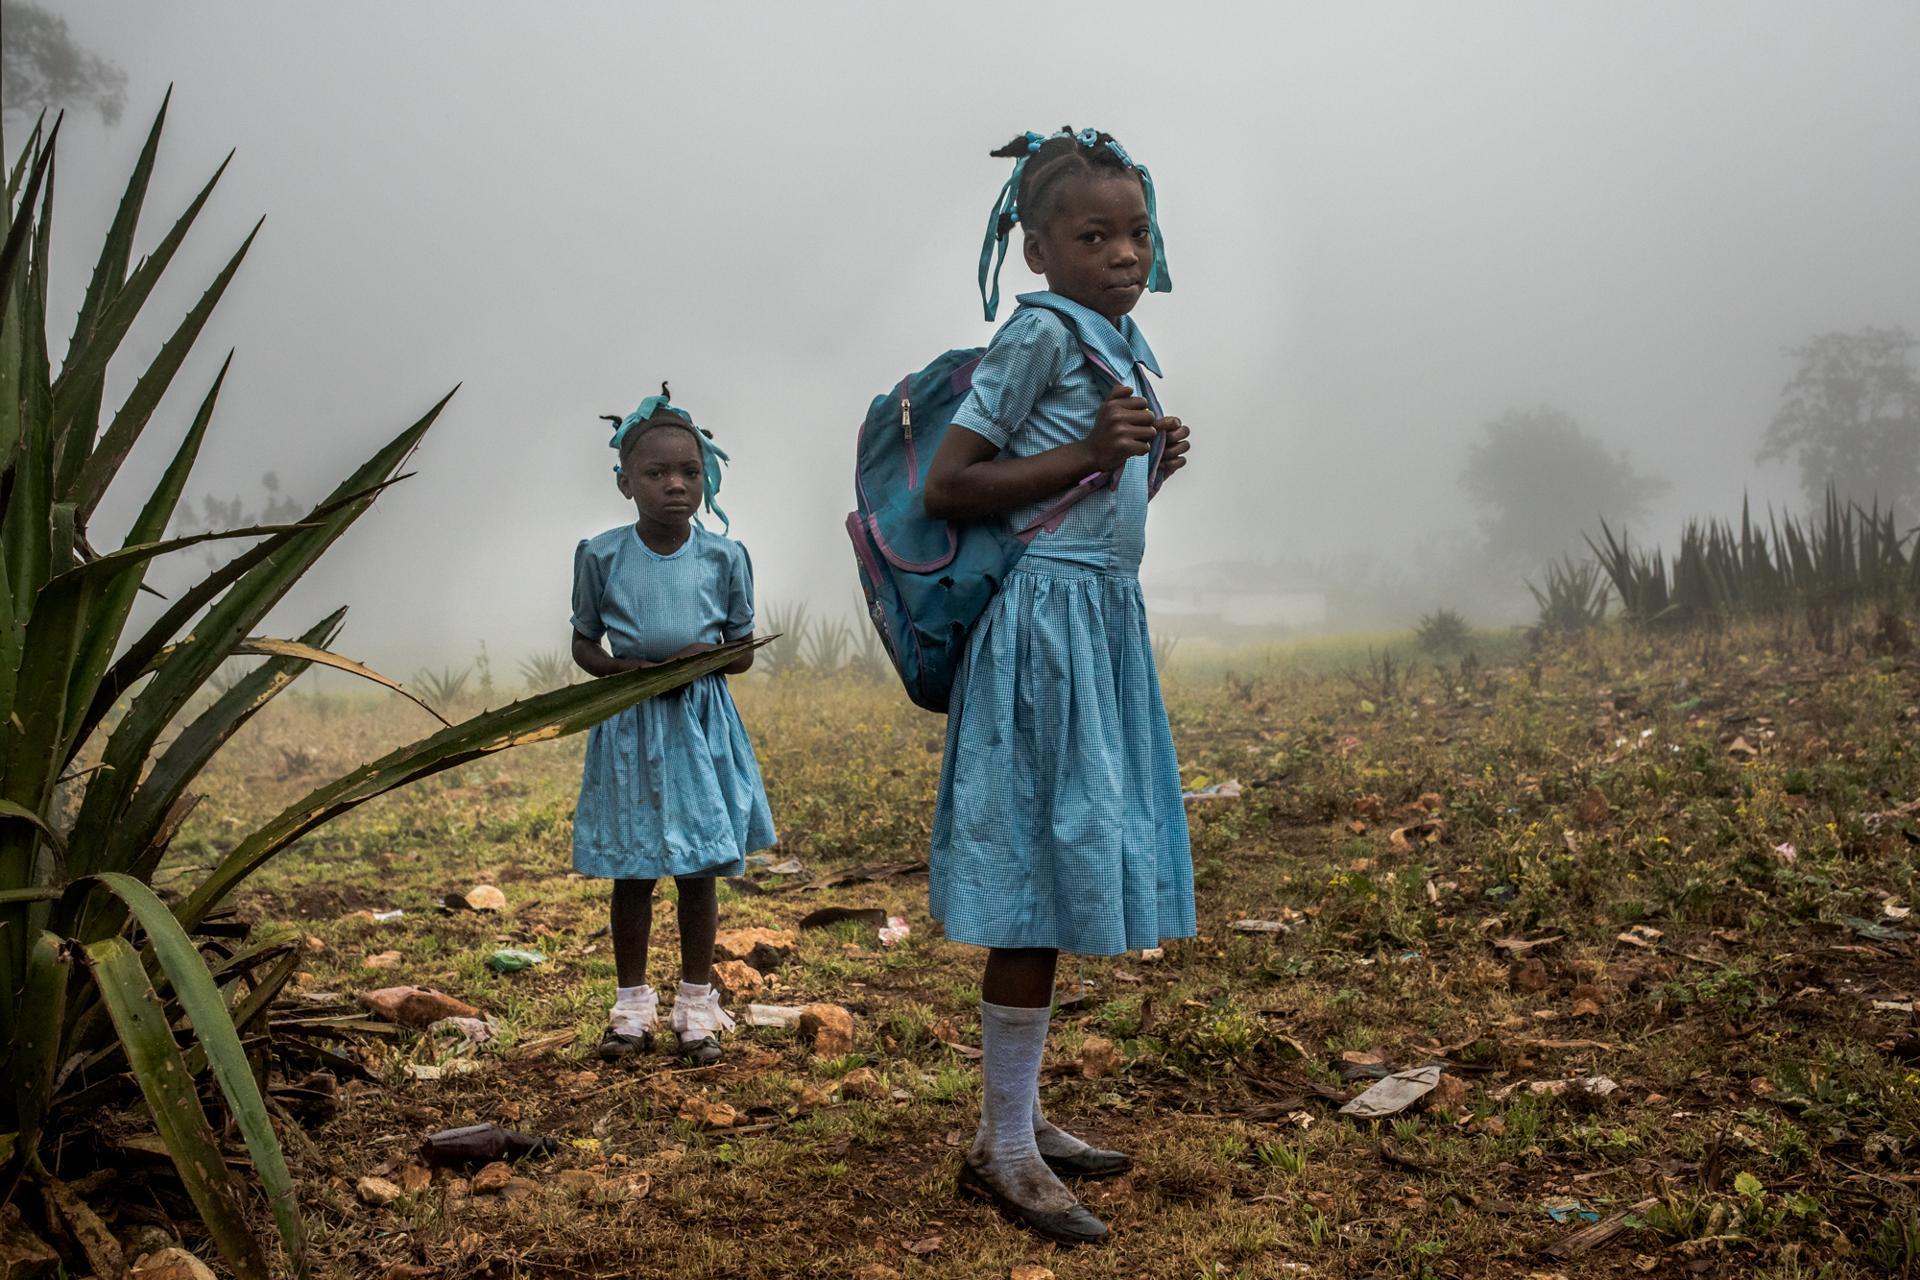 Baeriswyl_Valérie-Portrrait de la Foret des Pins-Haiti-10.jpg